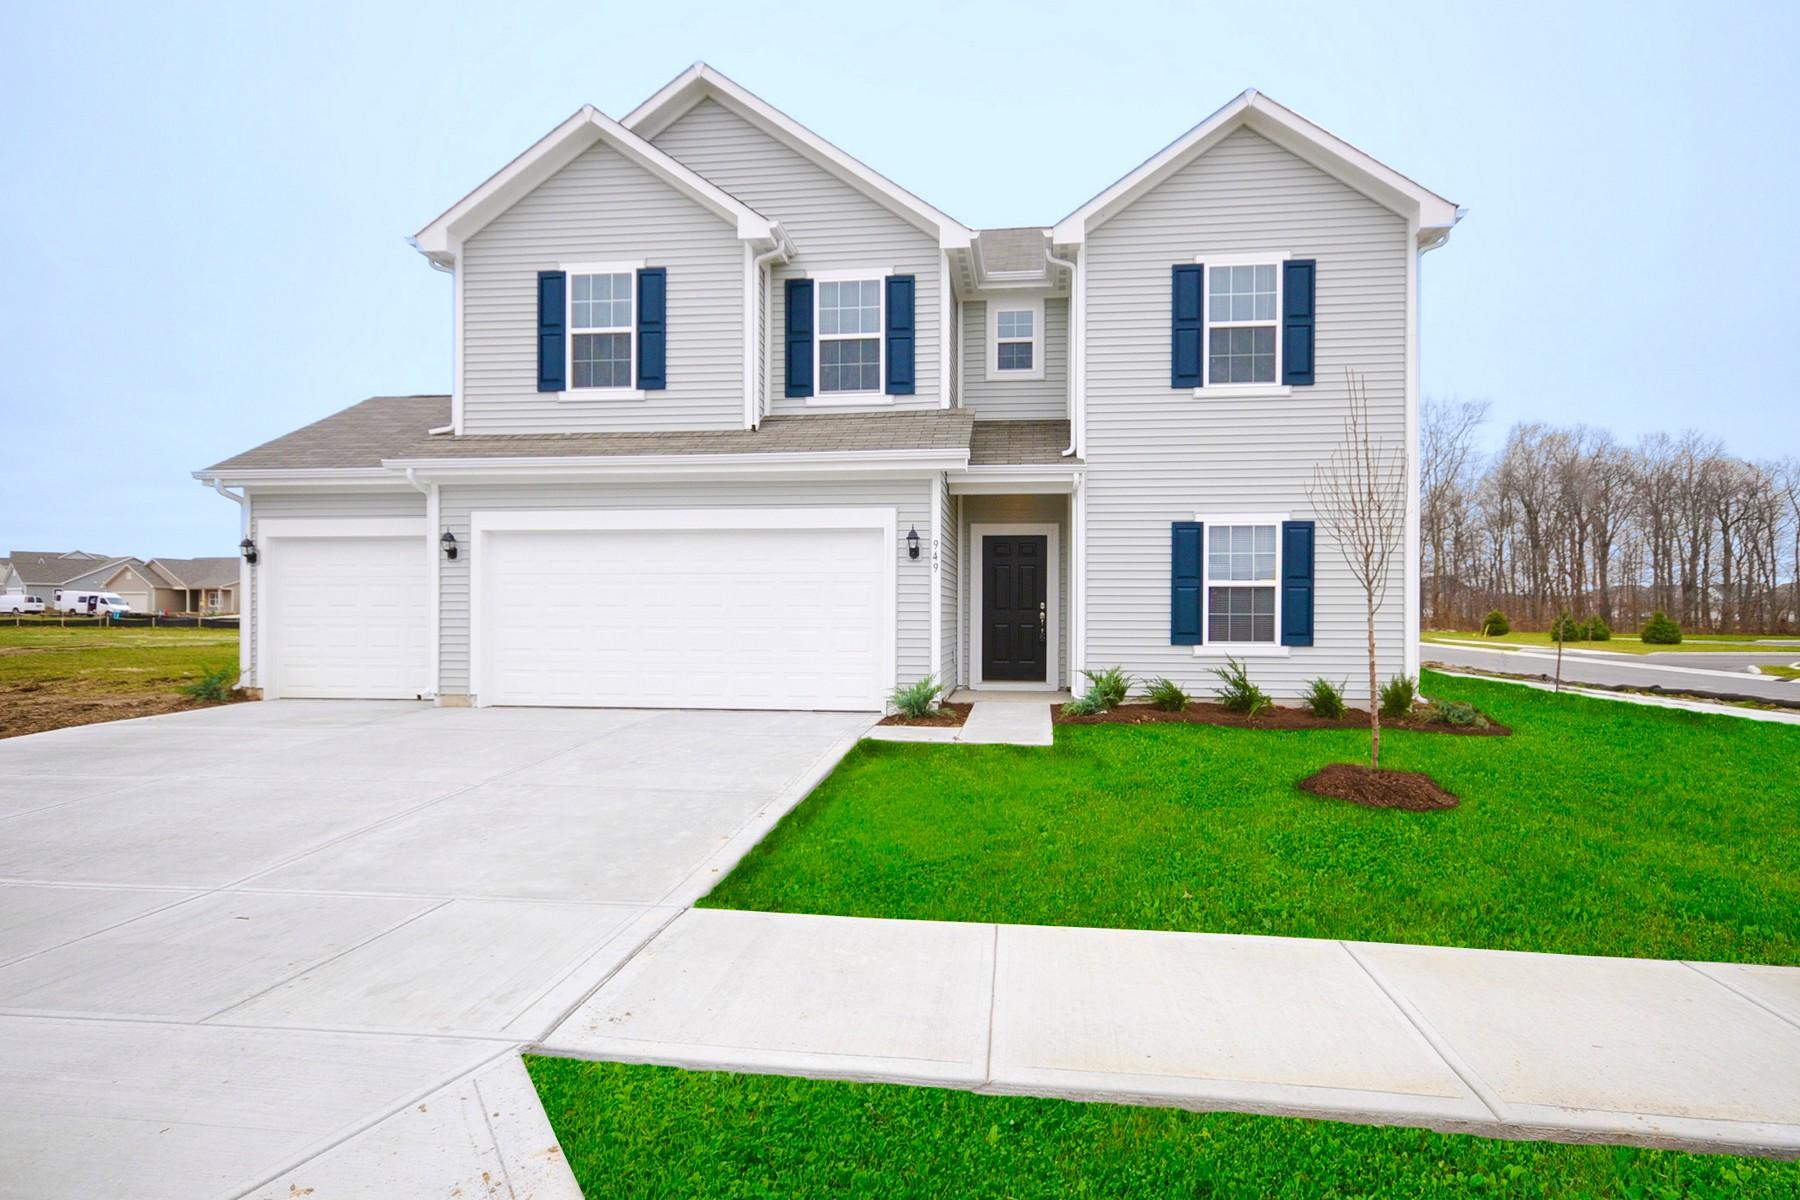 独户住宅 为 出租 在 Like New Home for Lease 949 Northwich Ave. 韦斯特菲尔德, 印第安纳州 46074 美国